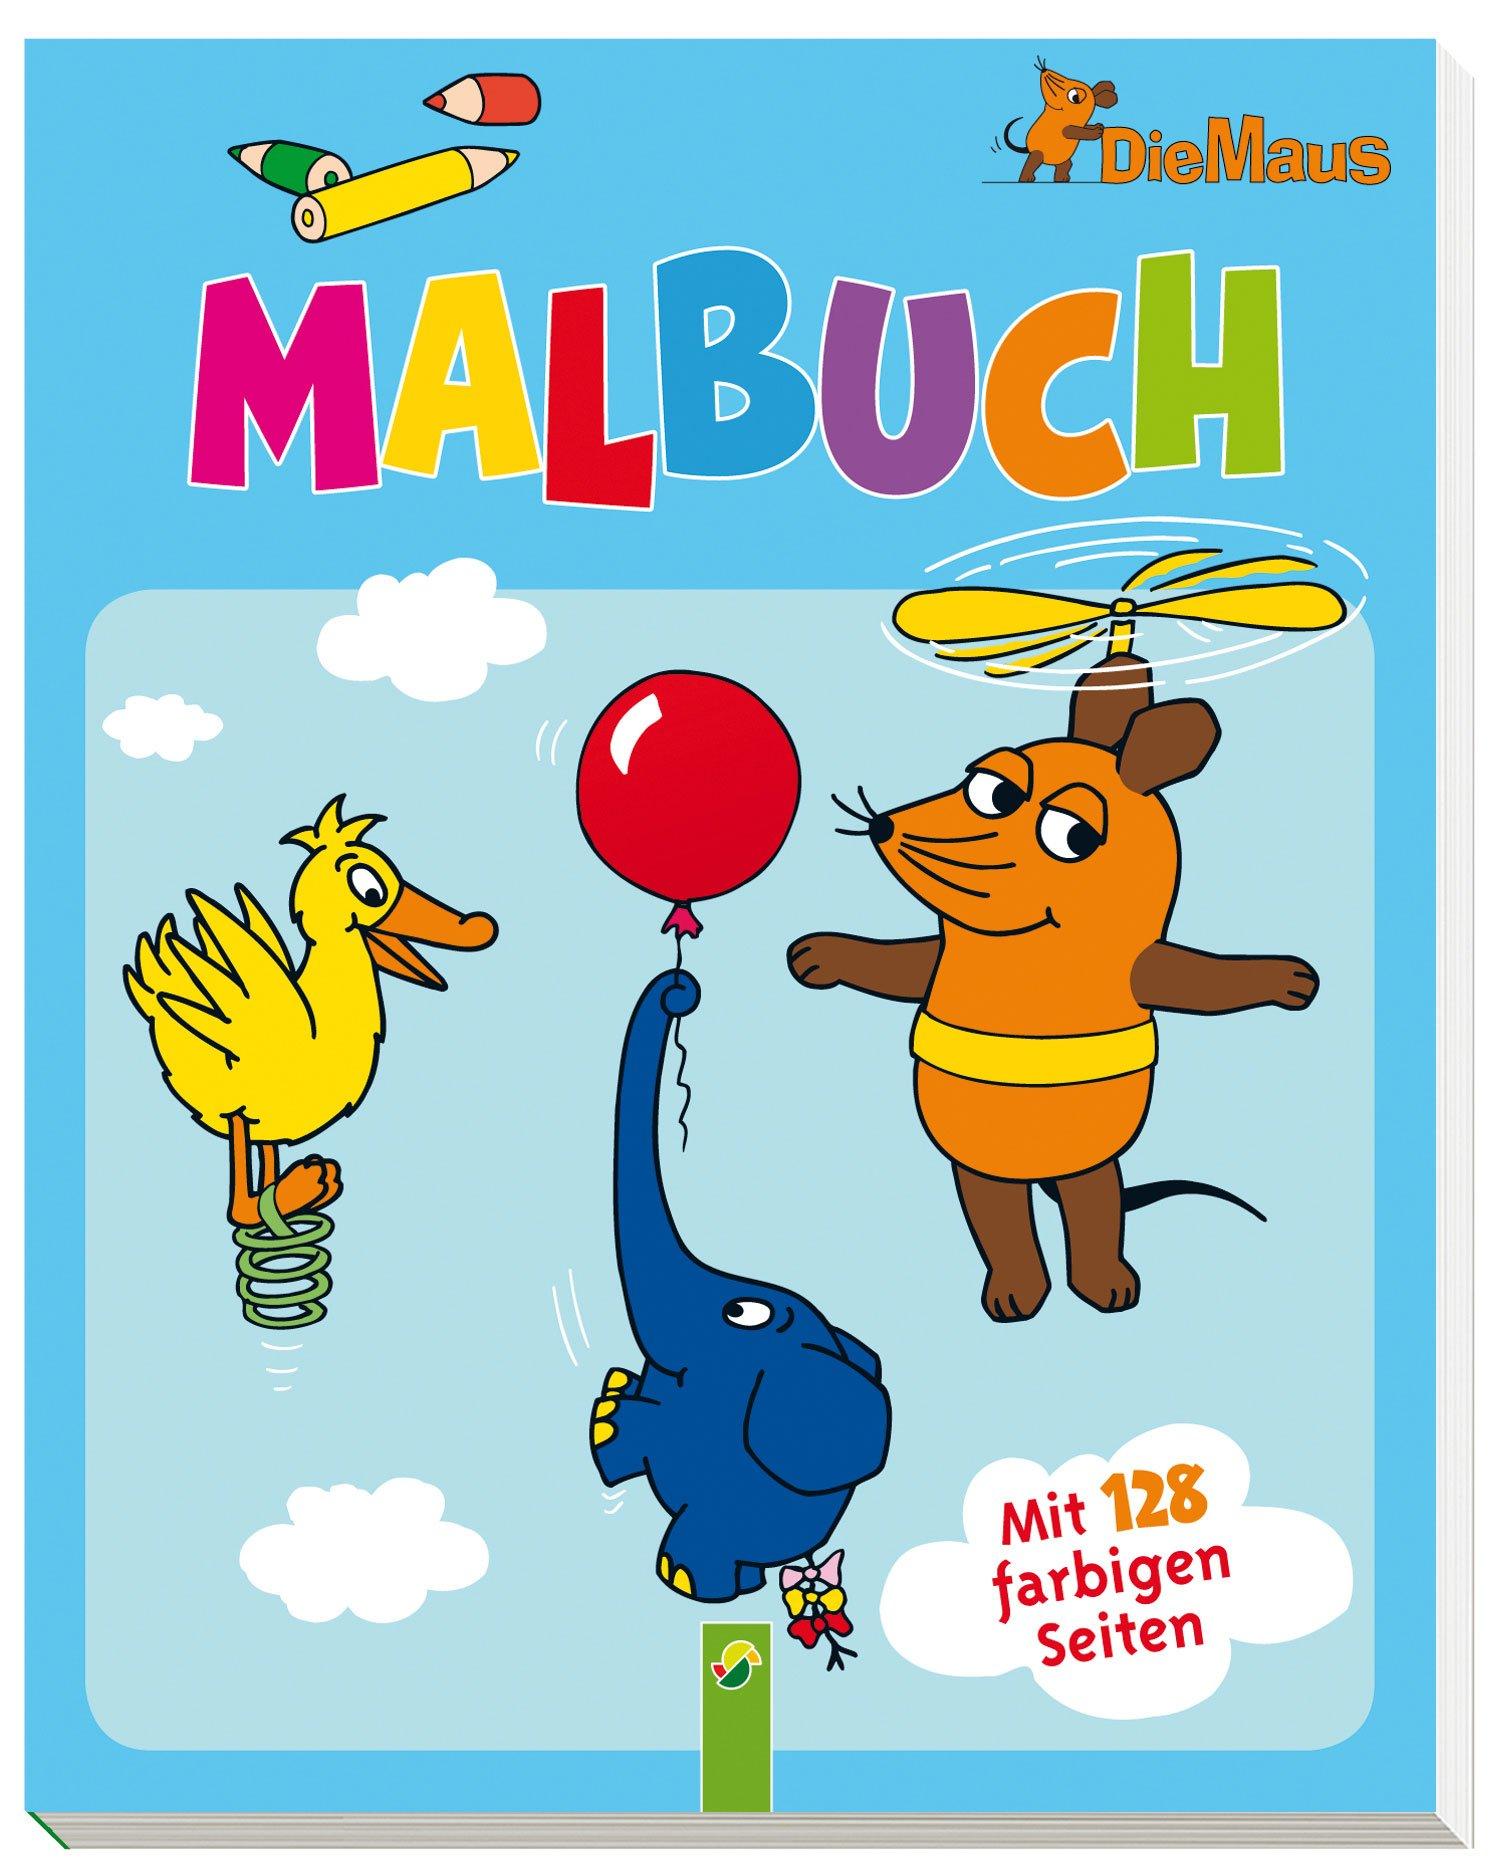 Die Maus - Malbuch: Mit 128 farbigen Seiten: Amazon.de: .: Bücher